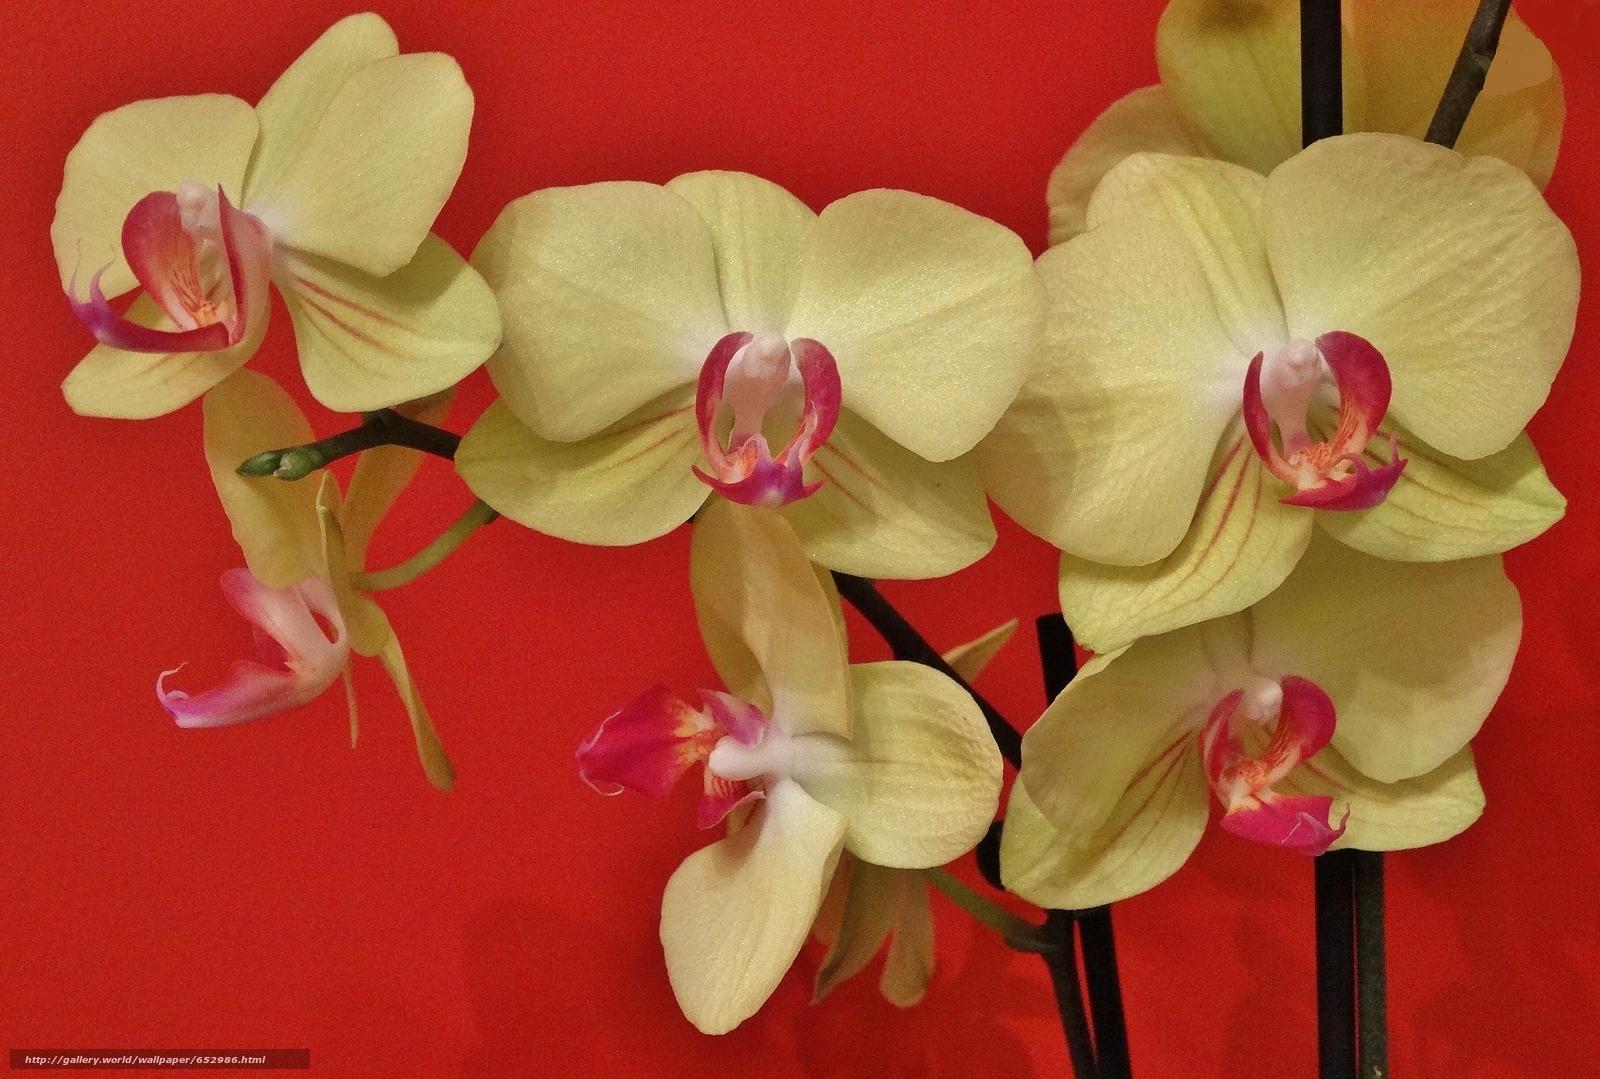 Скачать обои Фаленопсис,  орхидея,  экзотика бесплатно для рабочего стола в разрешении 3622x2443 — картинка №652986